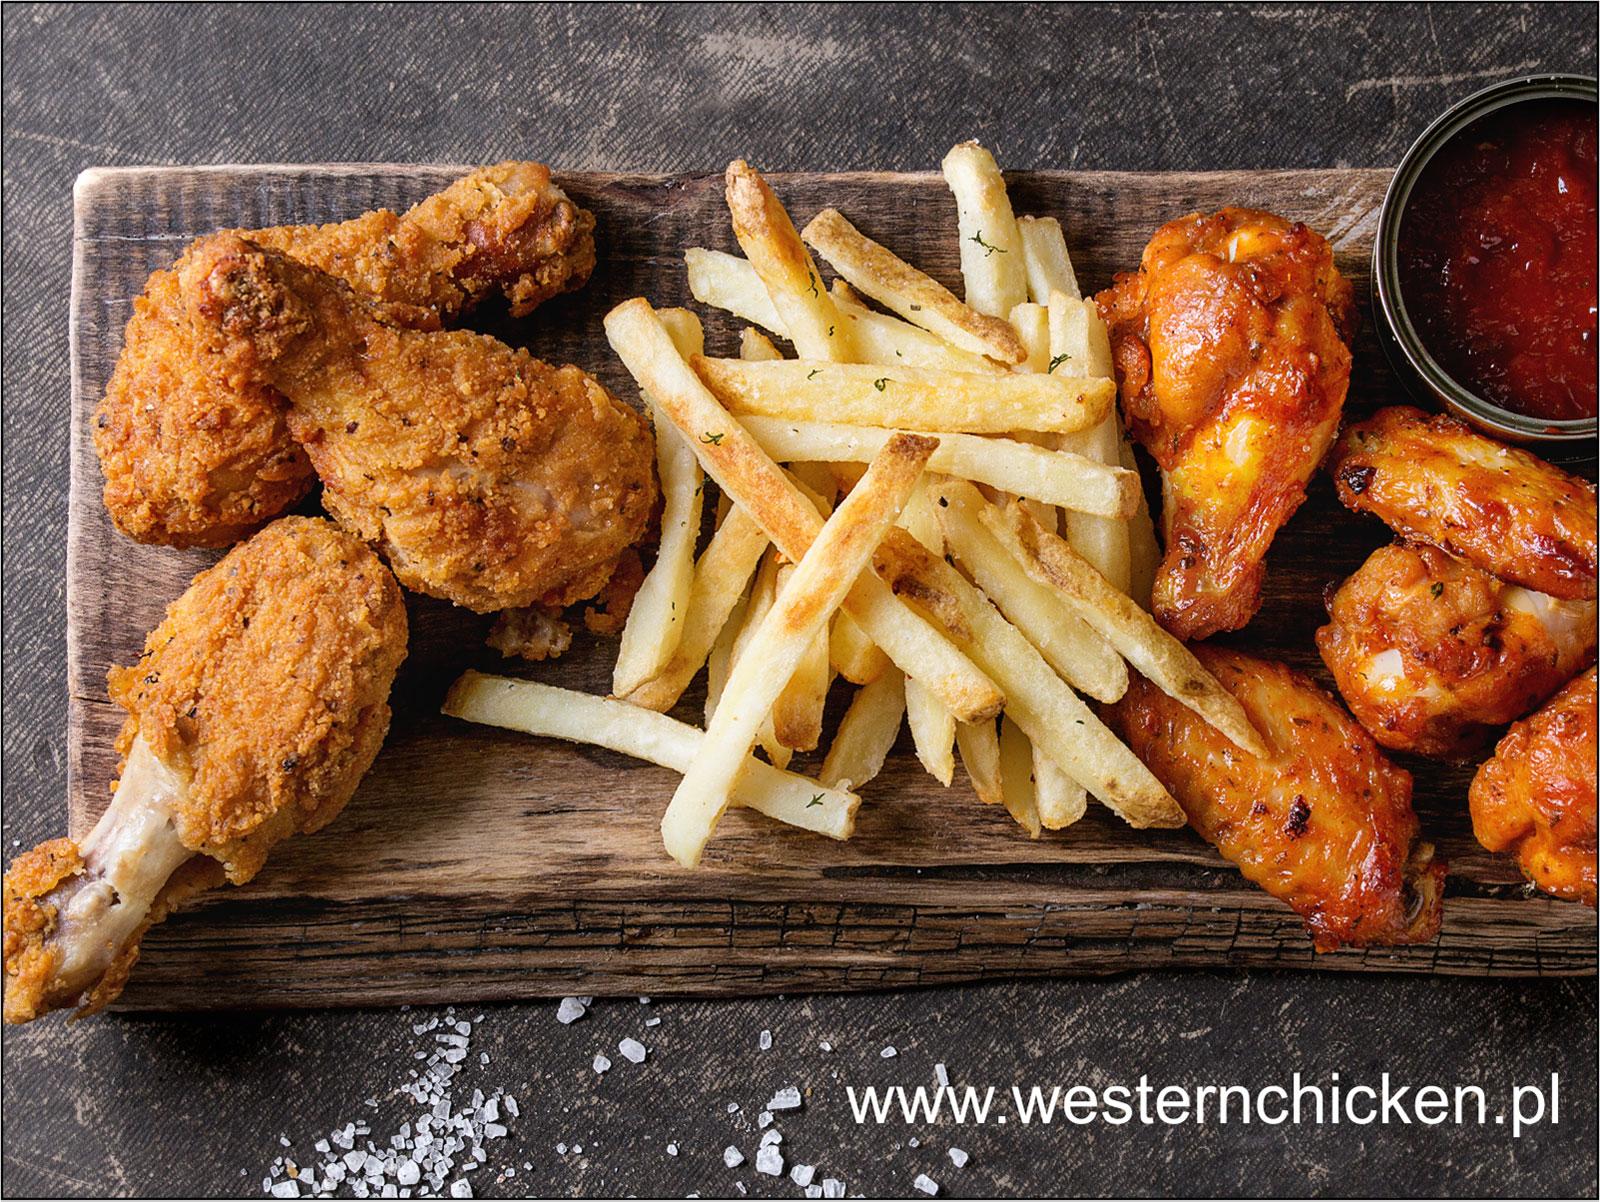 Western Chicken